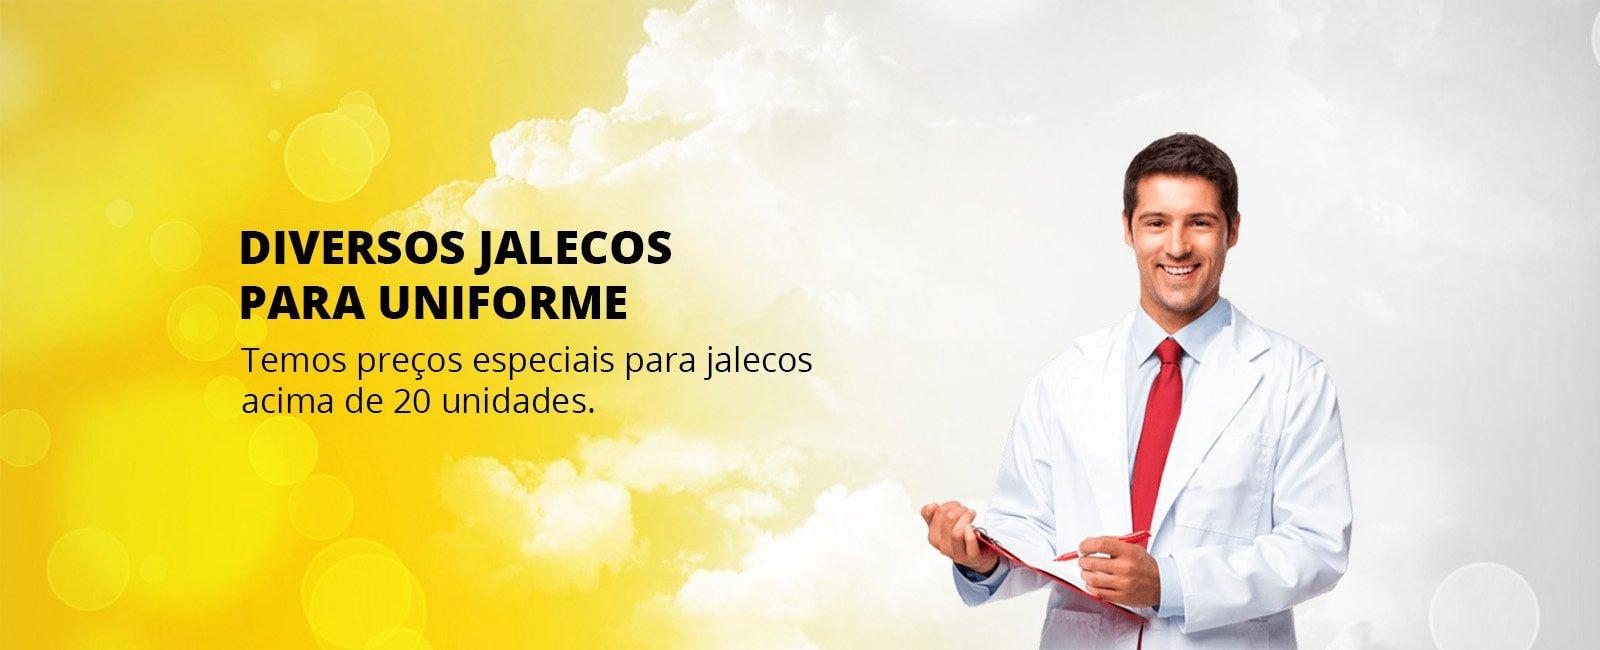 Jalecos Para Uniforme em Curitiba